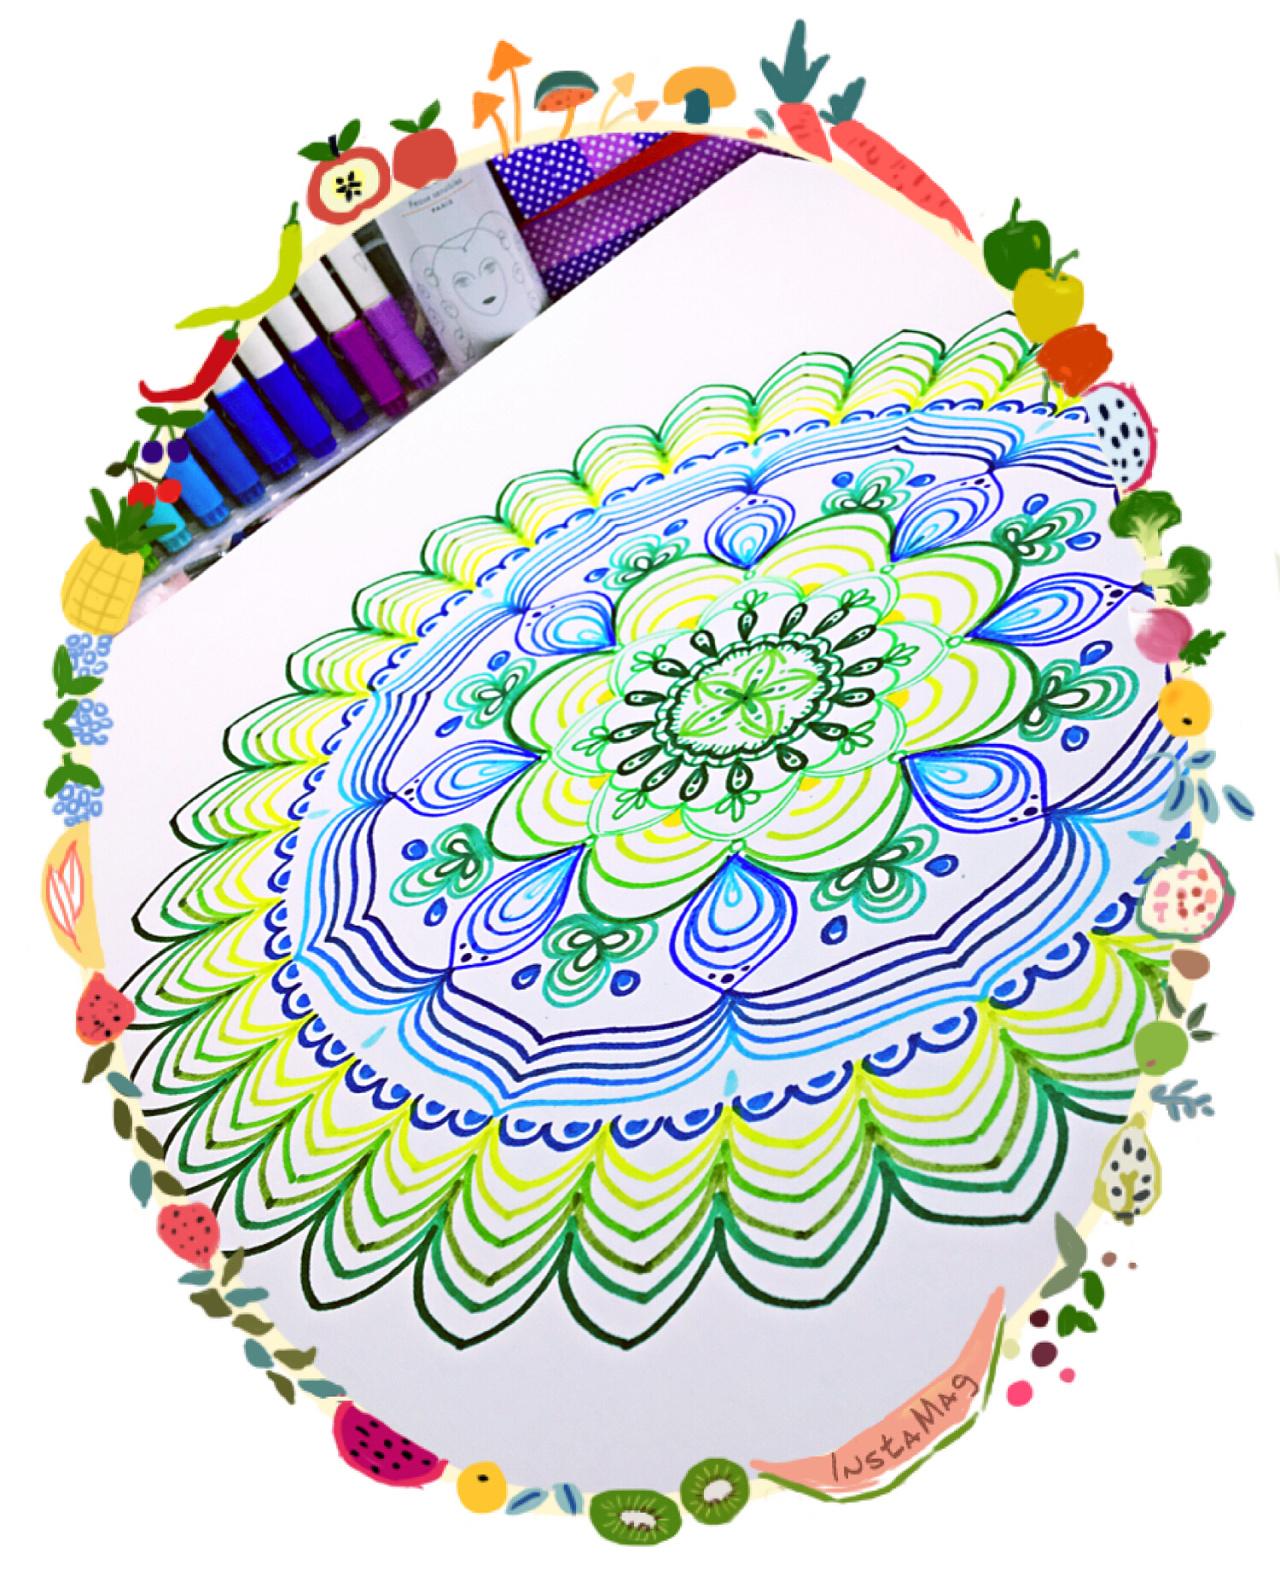 装饰画,手绘,插画,黑白装饰画,线描,曼陀罗